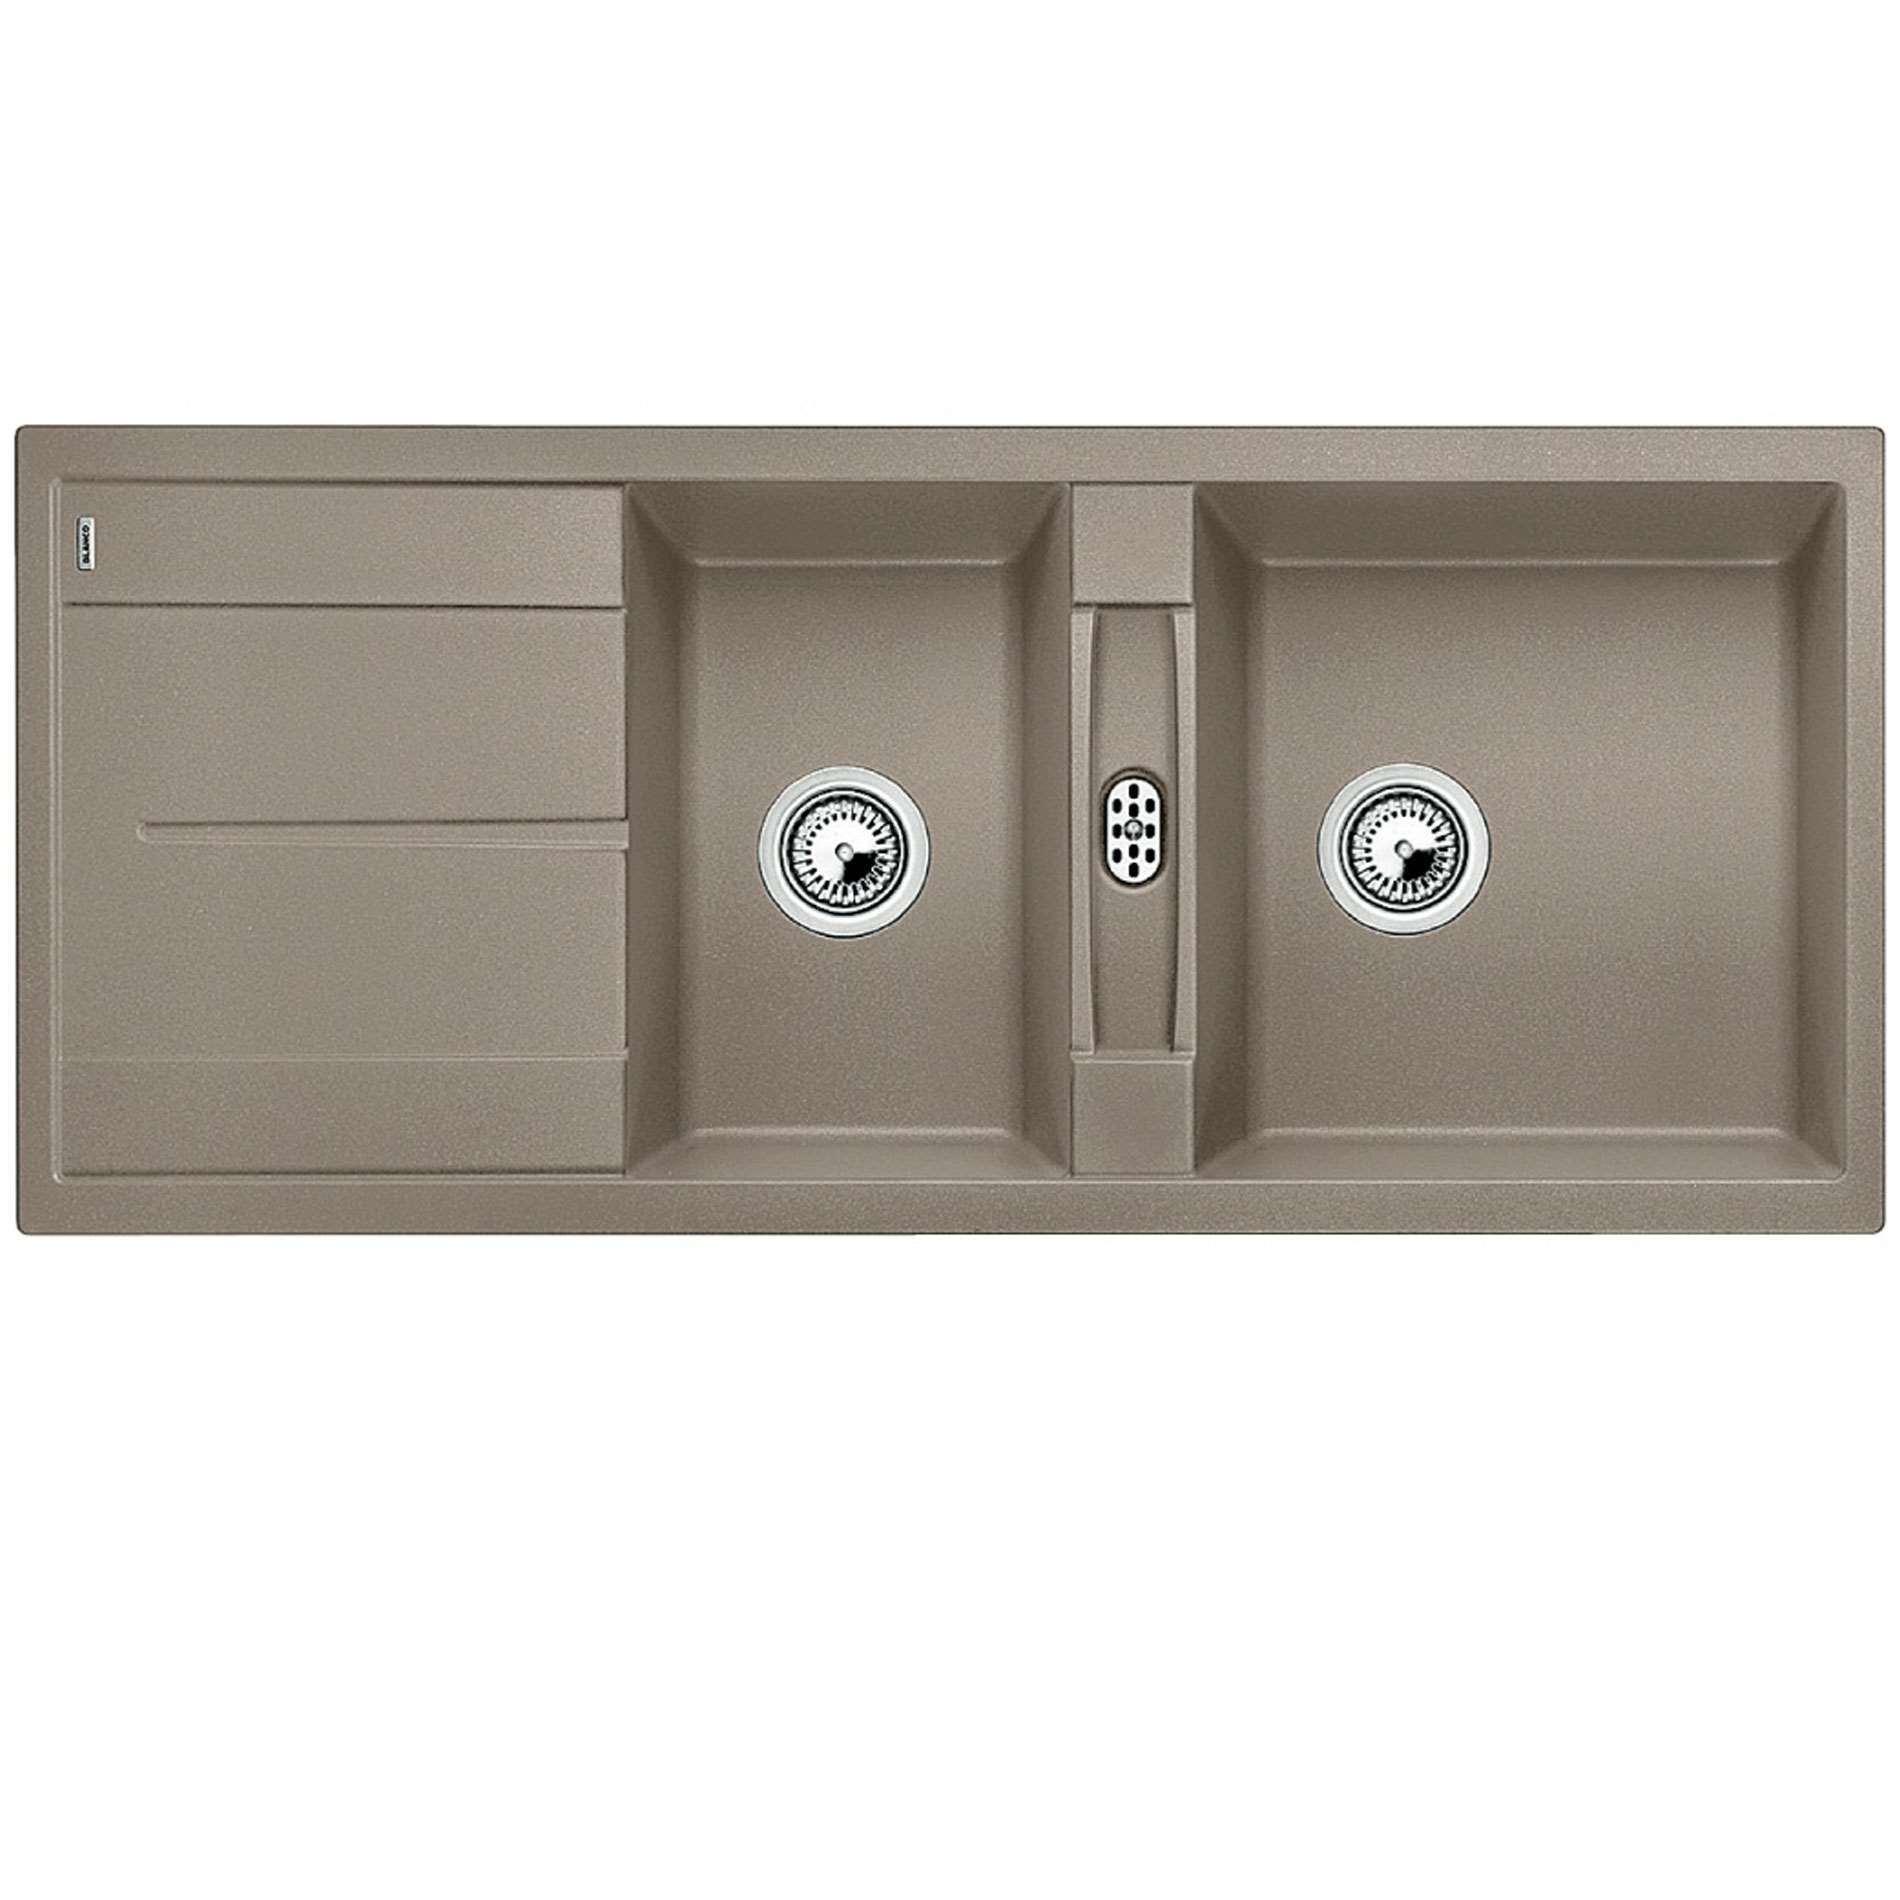 Blanco Metra Sink : Blanco: Metra 8 S Tartufo Silgranit Sink - Kitchen Sinks & Taps